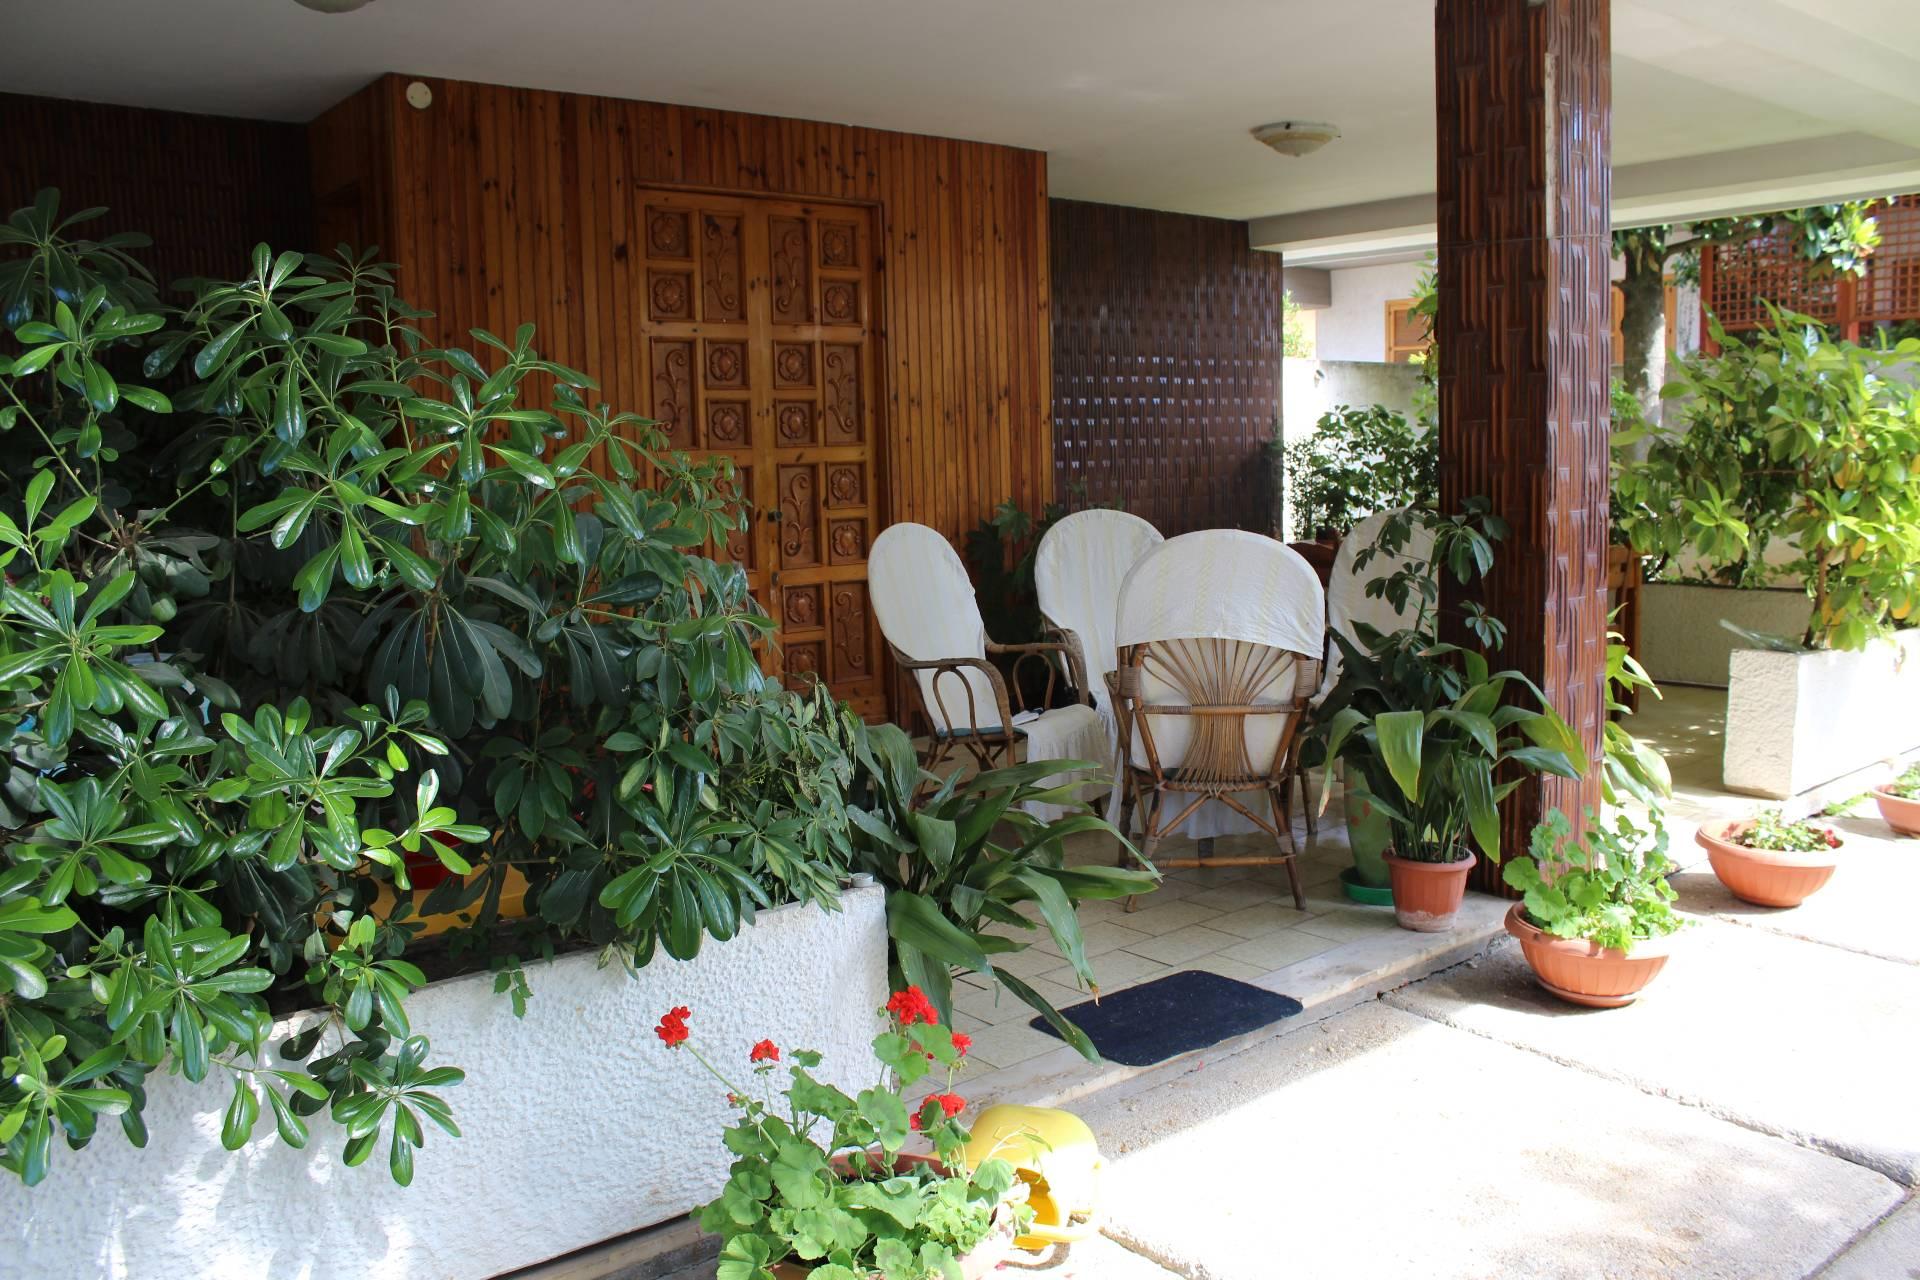 Villa in vendita a Spoltore, 10 locali, zona Località: VillaRaspa, prezzo € 260.000 | CambioCasa.it